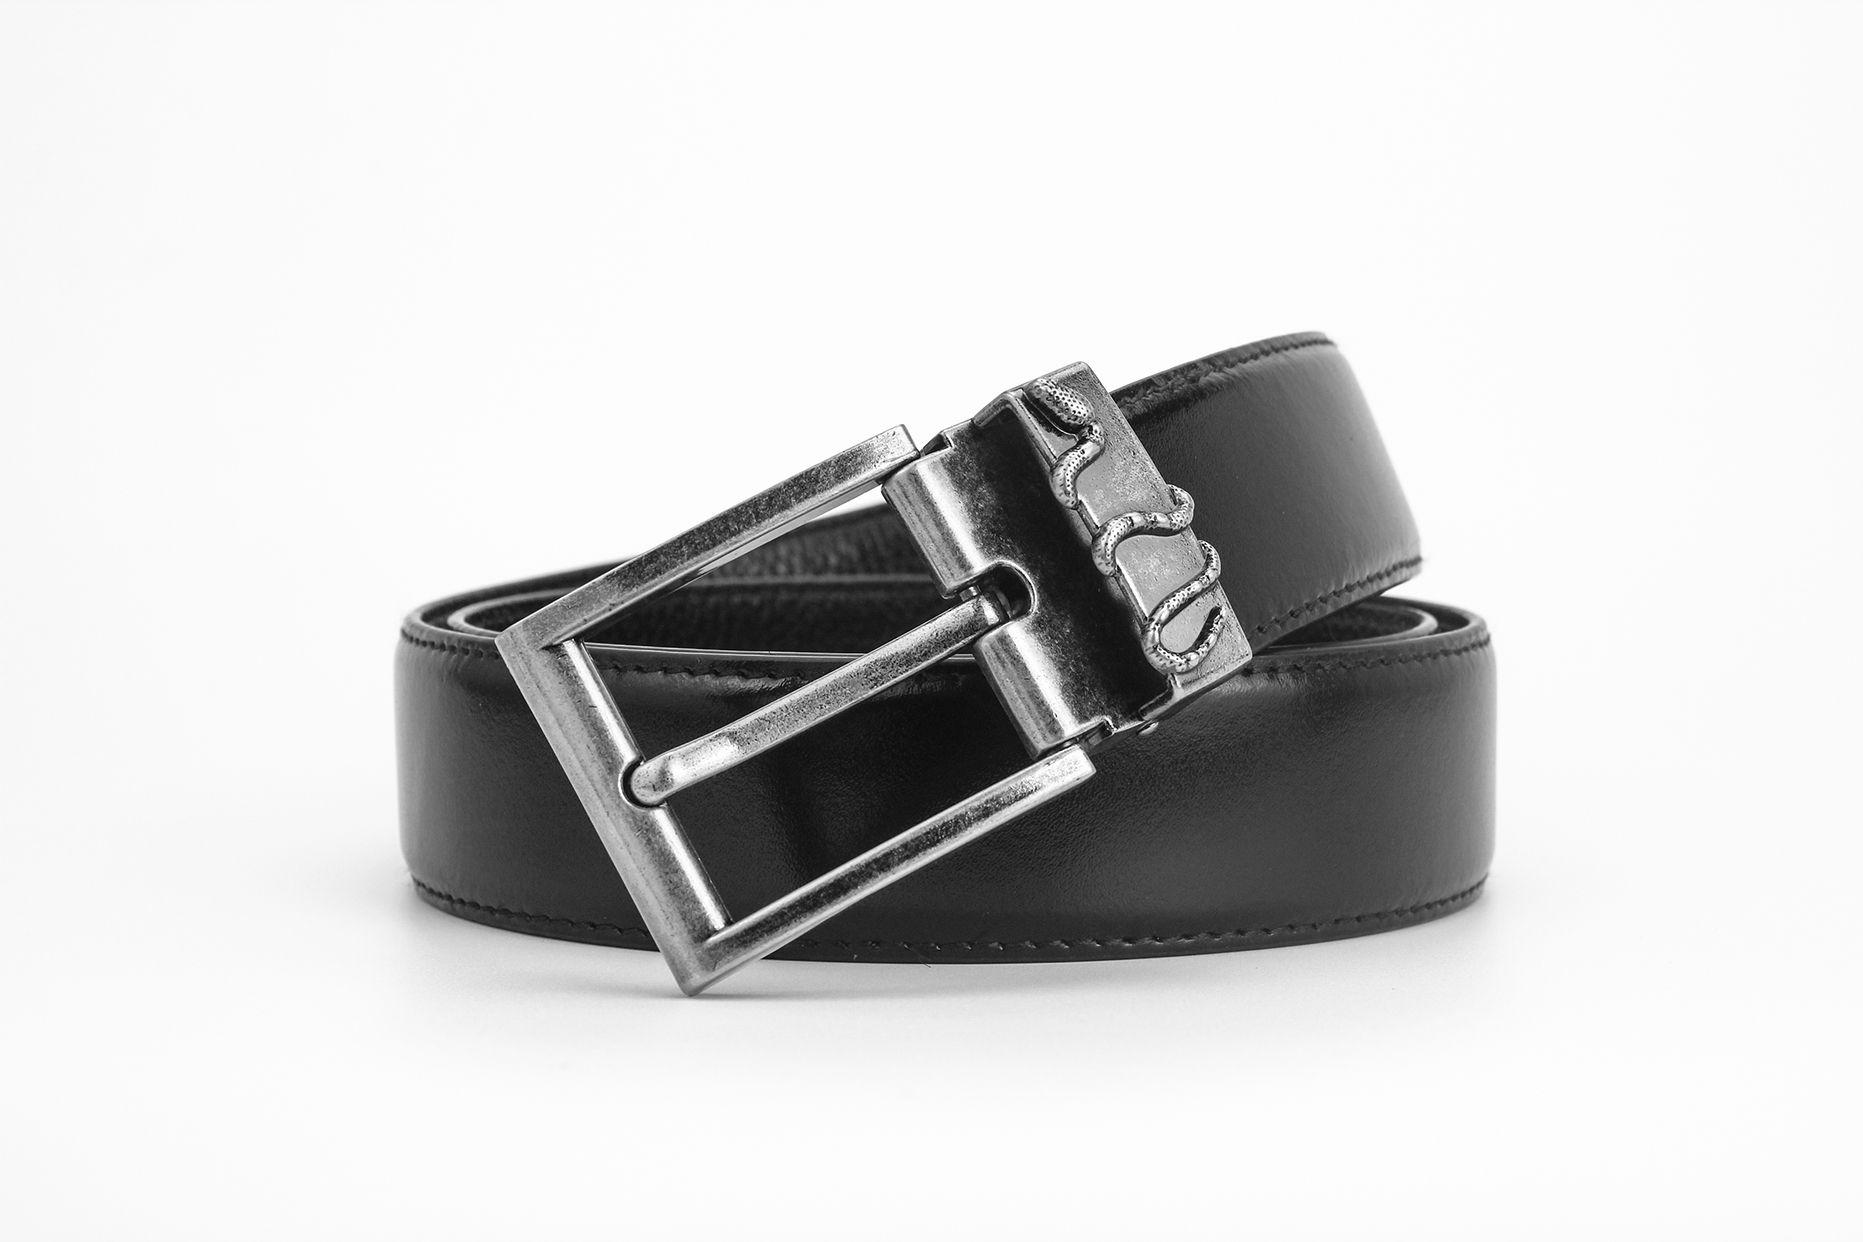 أحزمة أزياء الرجال المرأة جلد البقر حزام رسائل نموذج العرض 3.8CM Tigher الأفعى نموذج عرض 3.4CM عن رجل إمرأة ذات جودة عالية مع صندوق